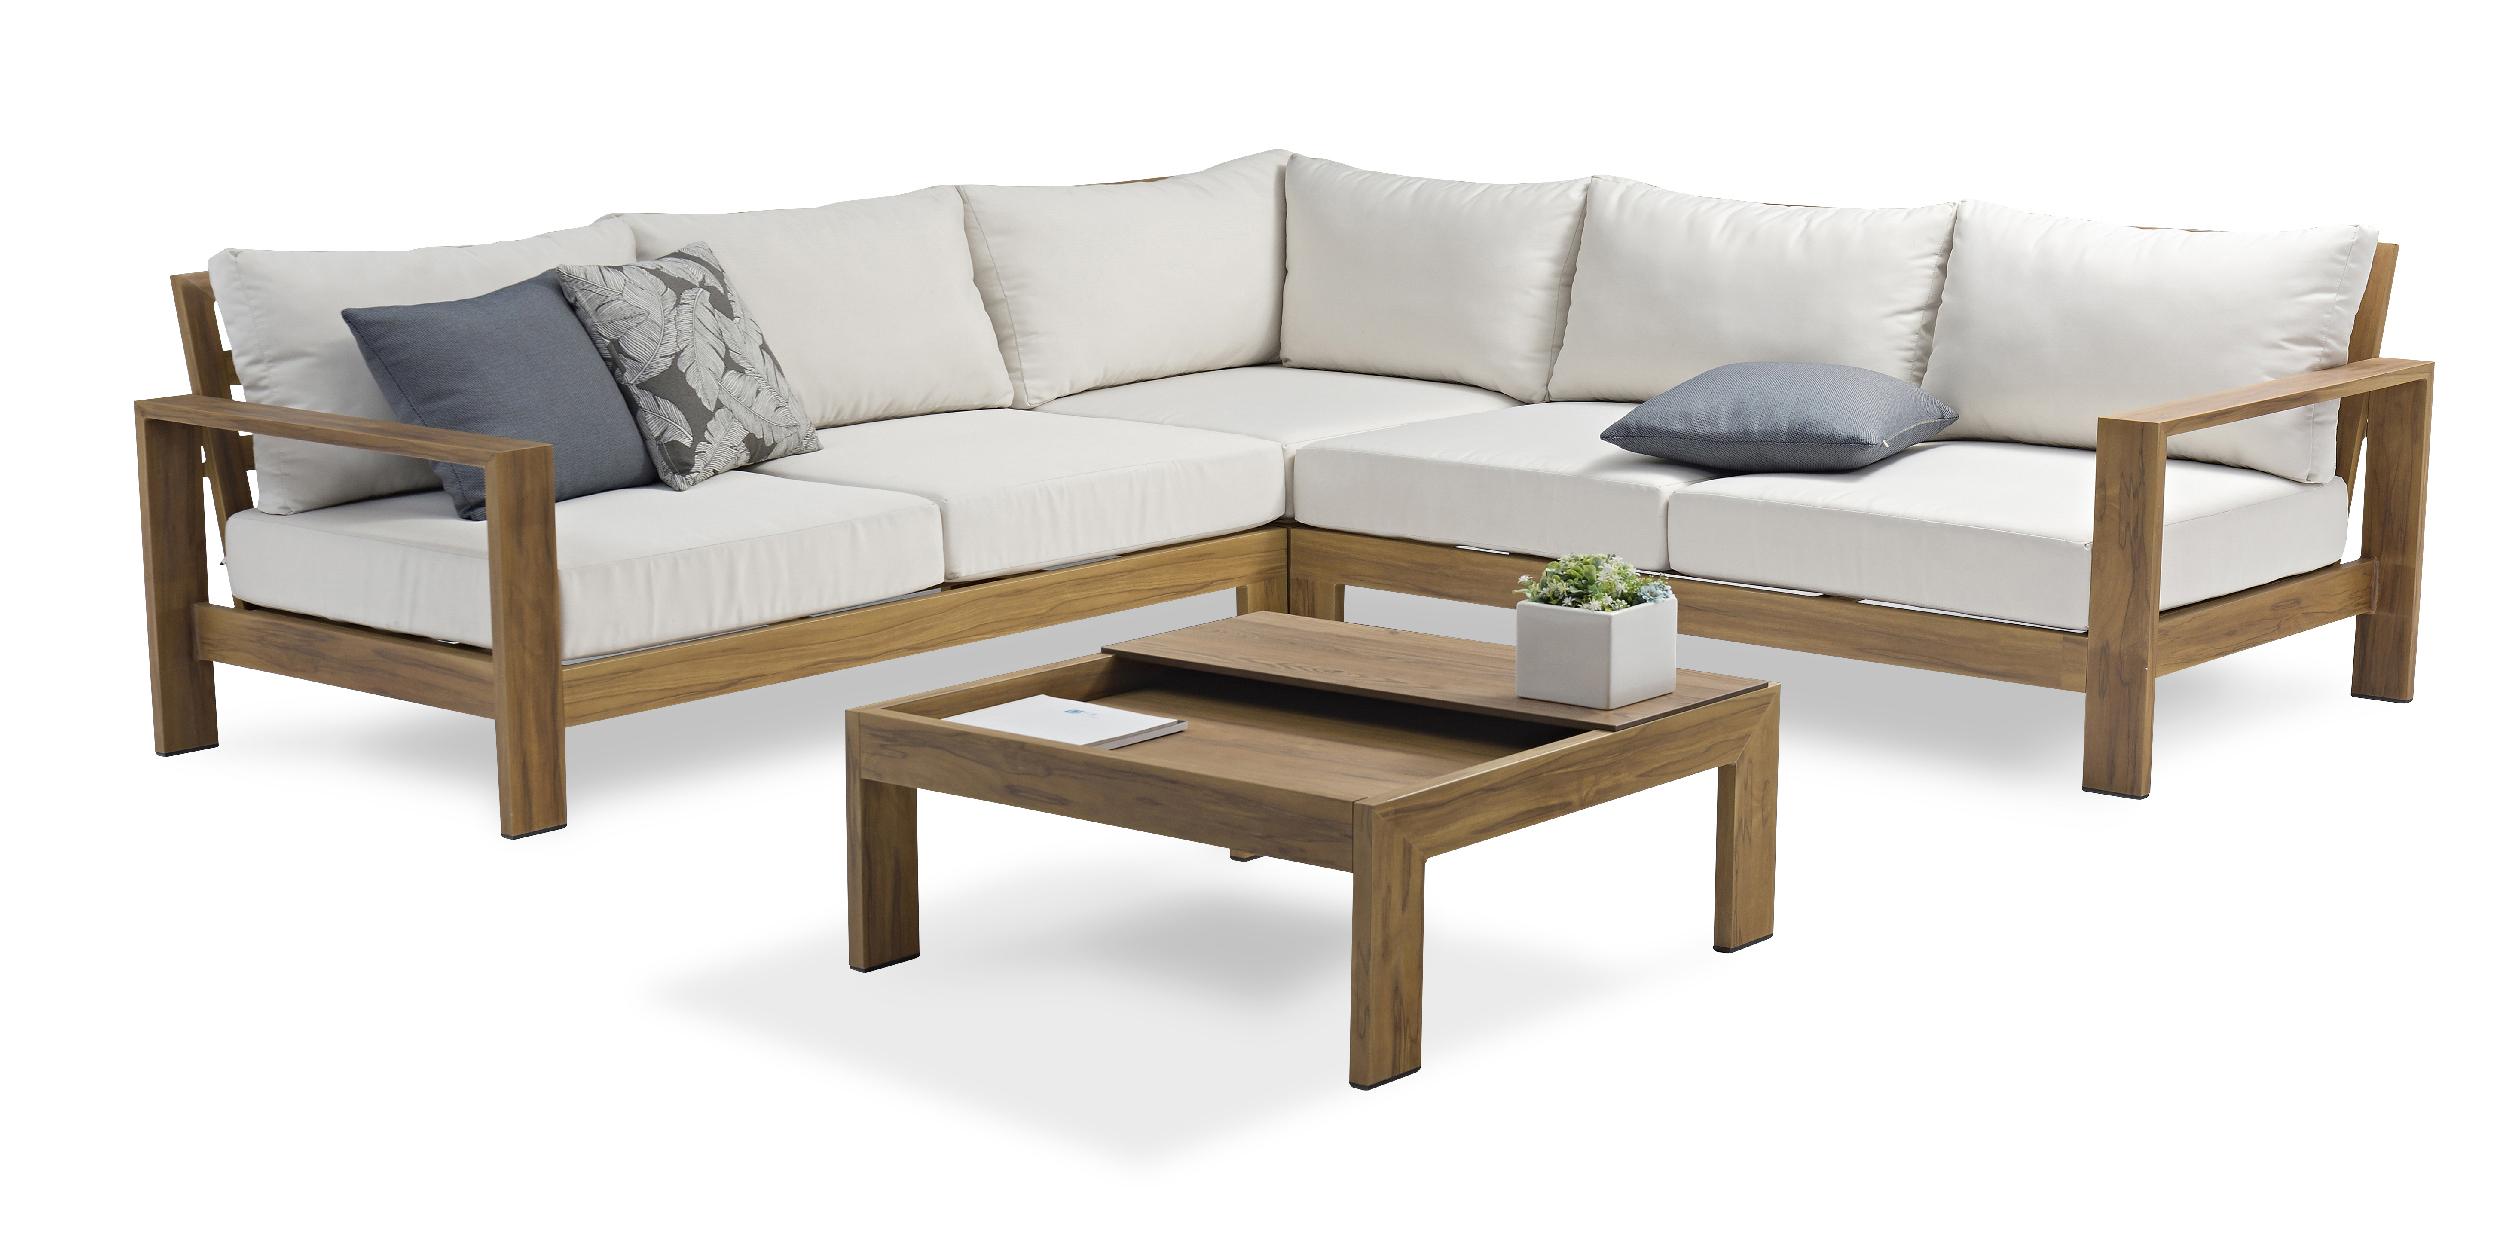 Salon de jardin 5 places en aluminium effet bois